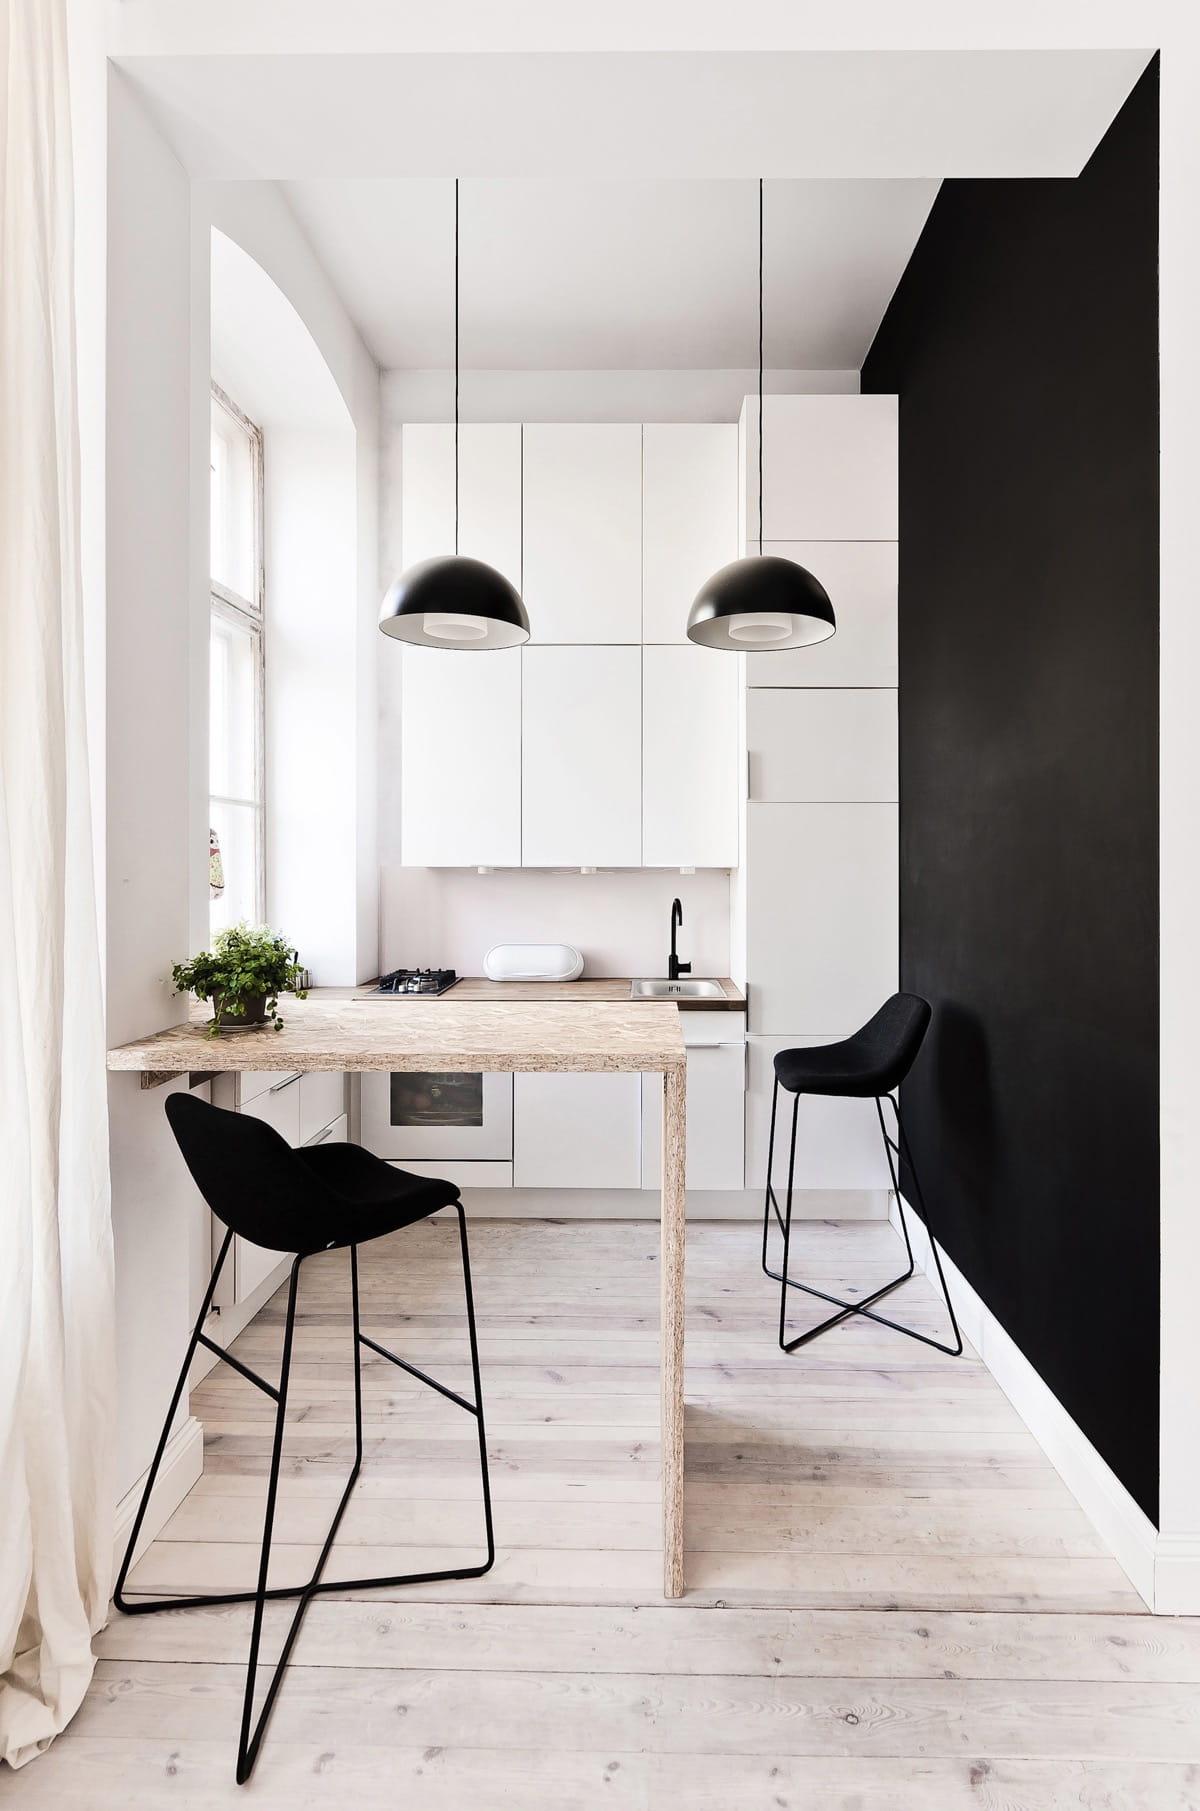 Красивый и сдержанный интерьер маленькой кухни